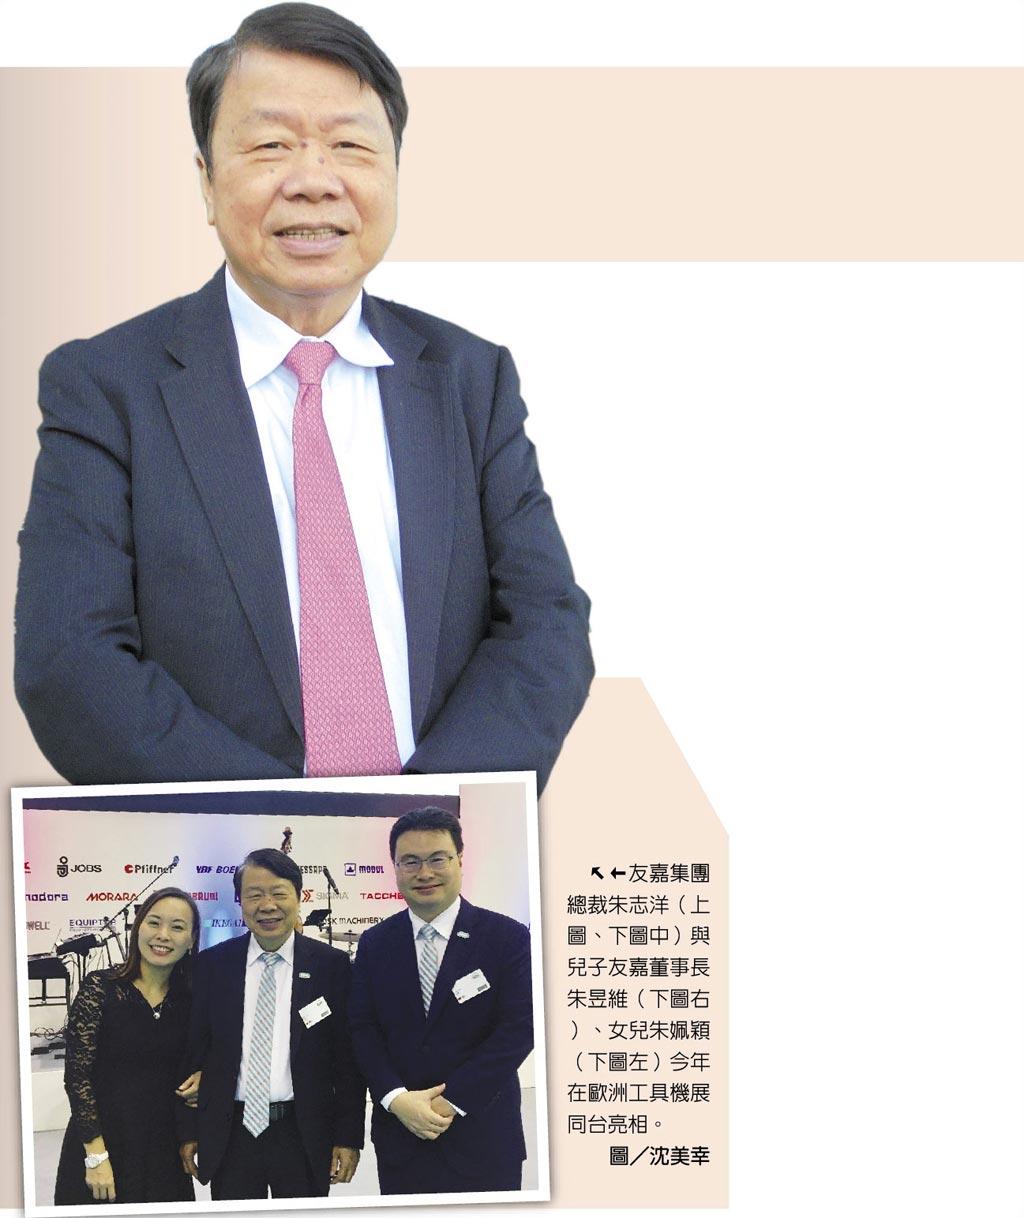 友嘉集團總裁朱志洋(上圖、下圖中)與兒子友嘉董事長朱昱維(下圖右)、女兒朱姵穎(下圖左)今年在歐洲工具機展同台亮相。圖/沈美幸